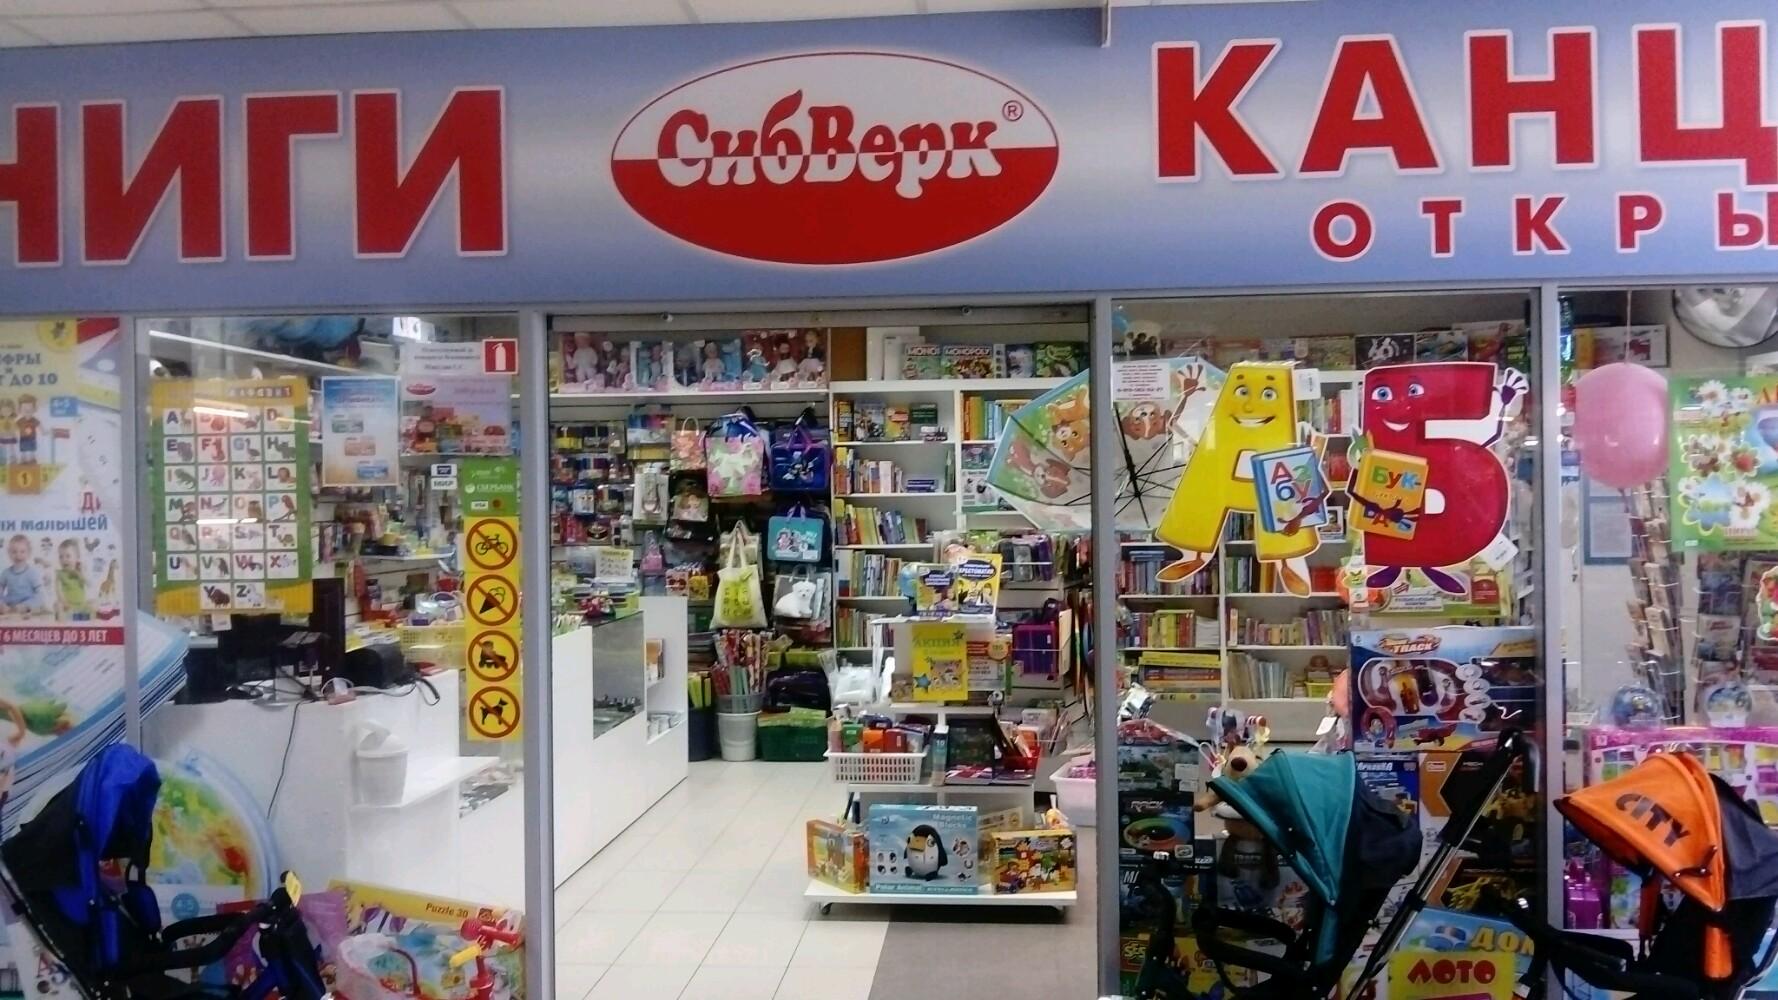 Сибверк новосибирск интернет магазин открытки